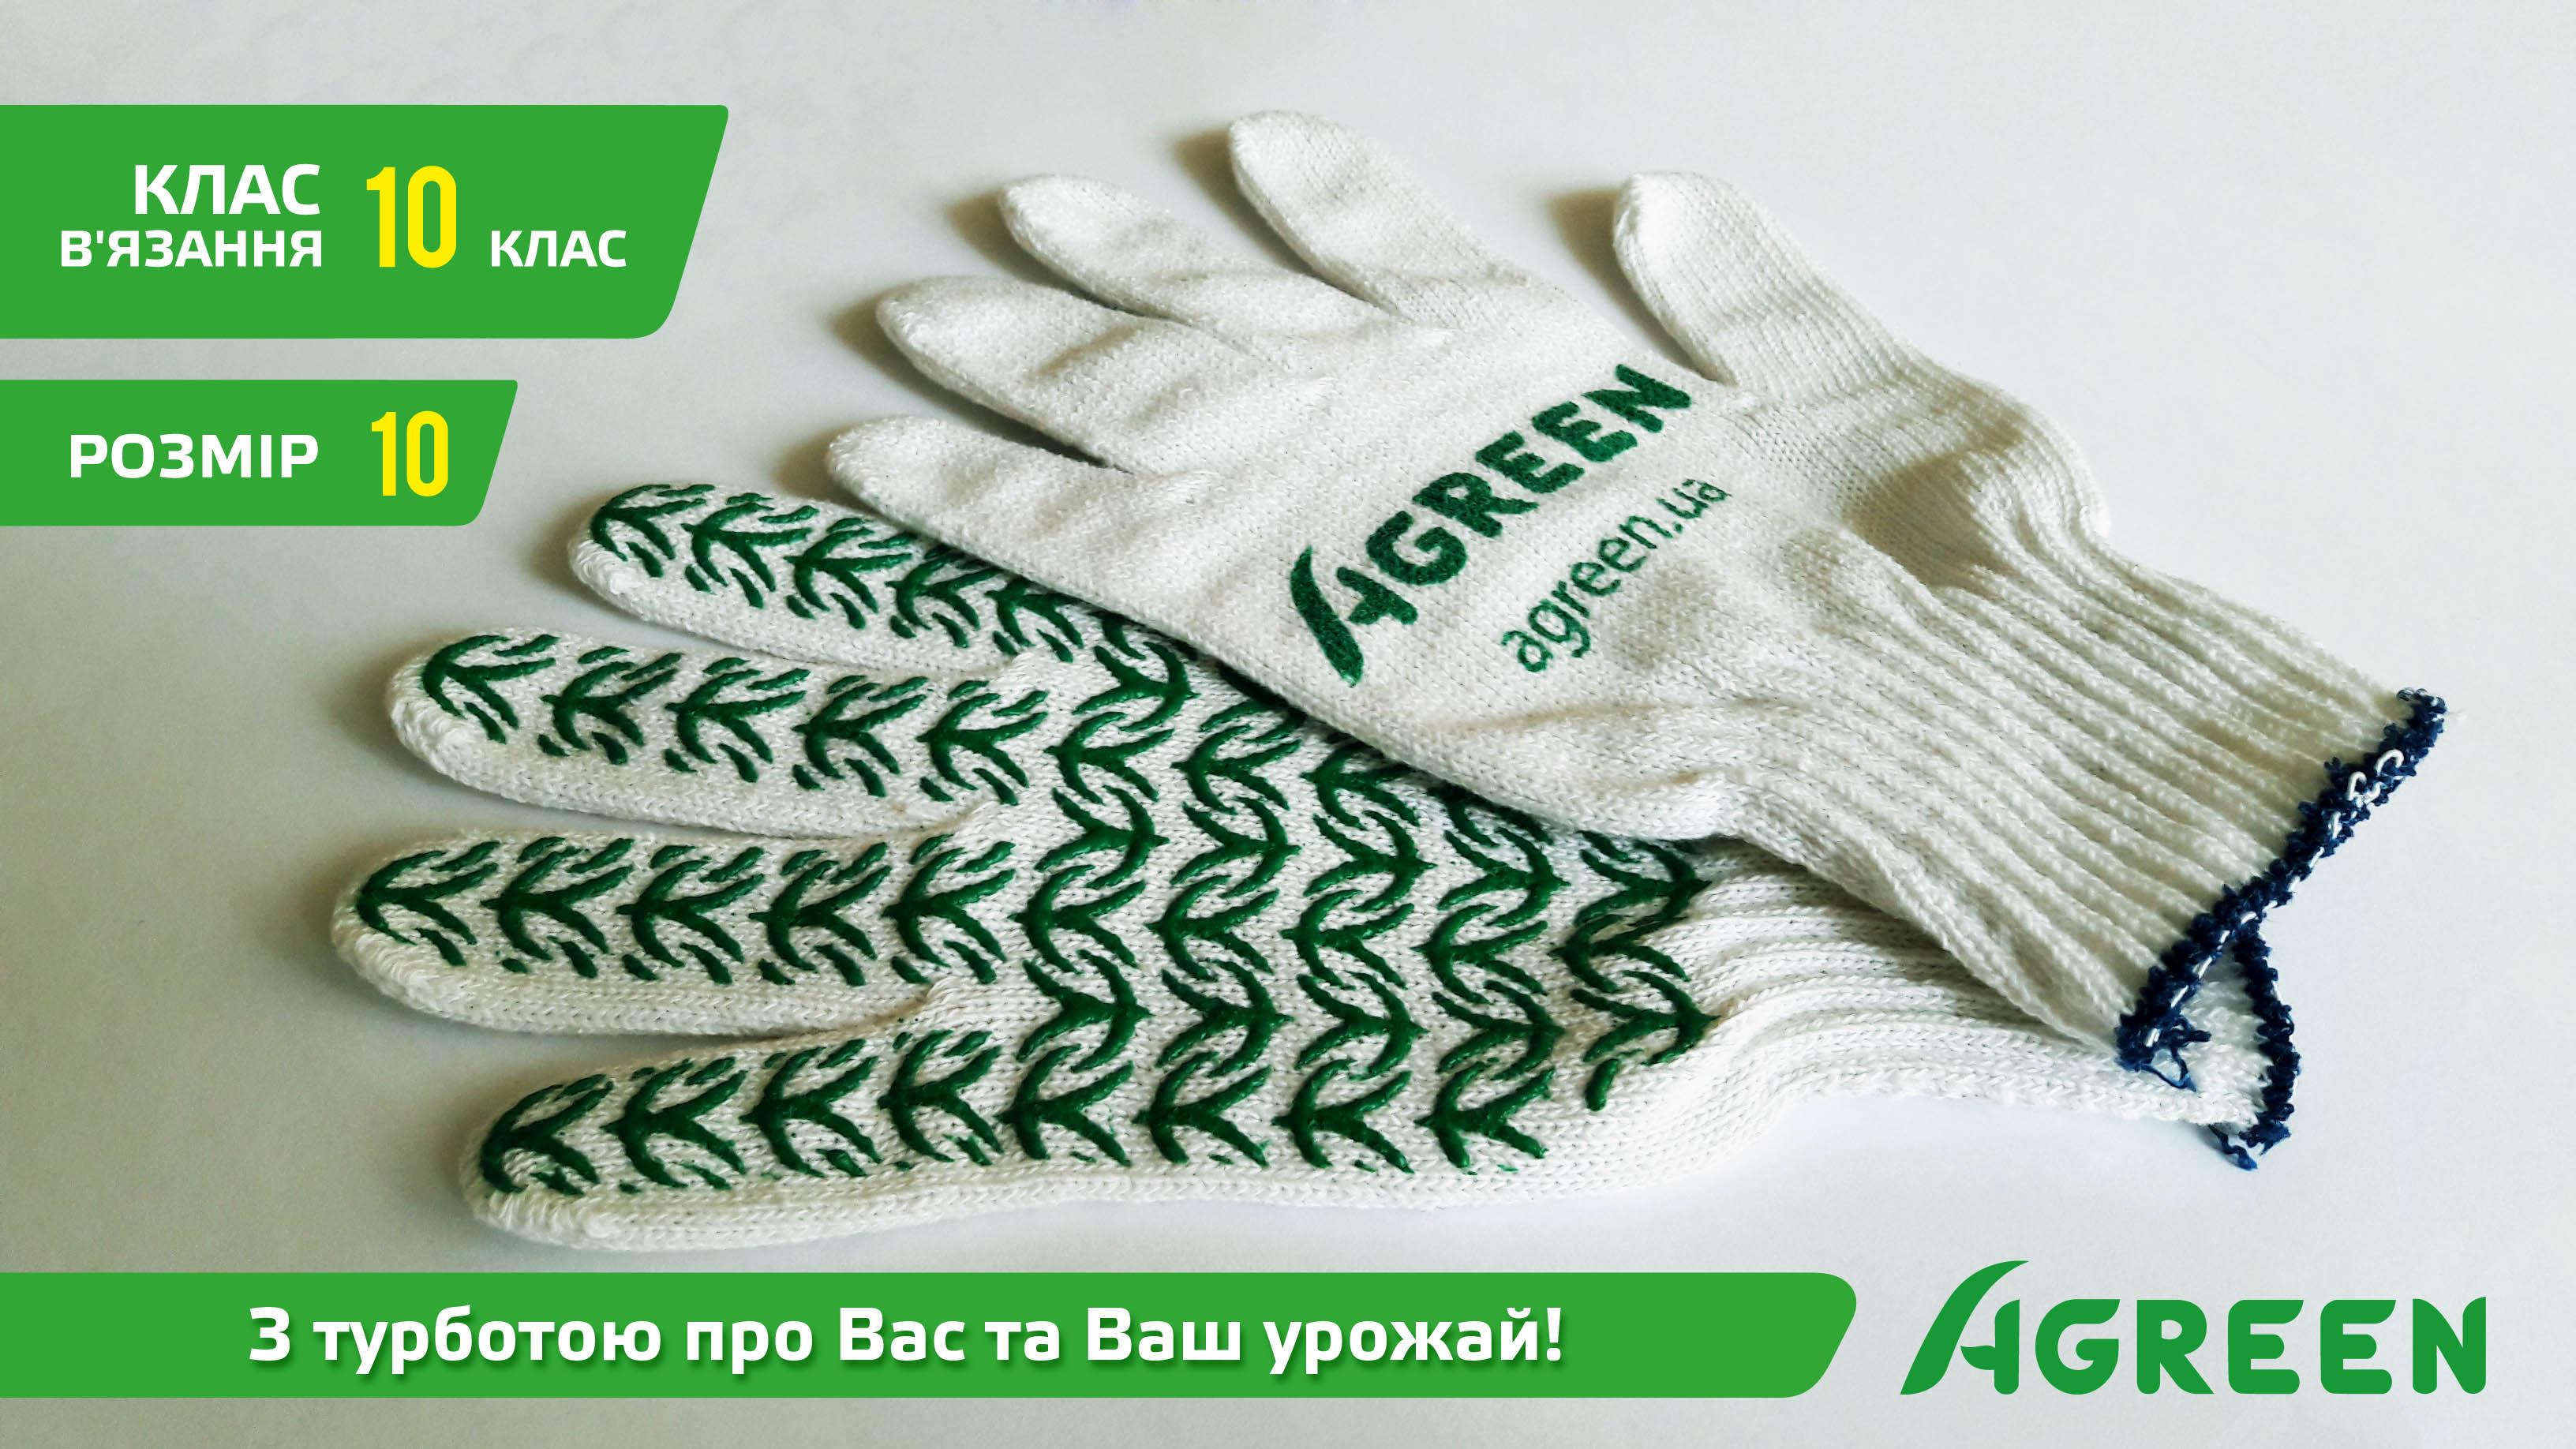 Фірмові рукавички Agreen в подарунок!